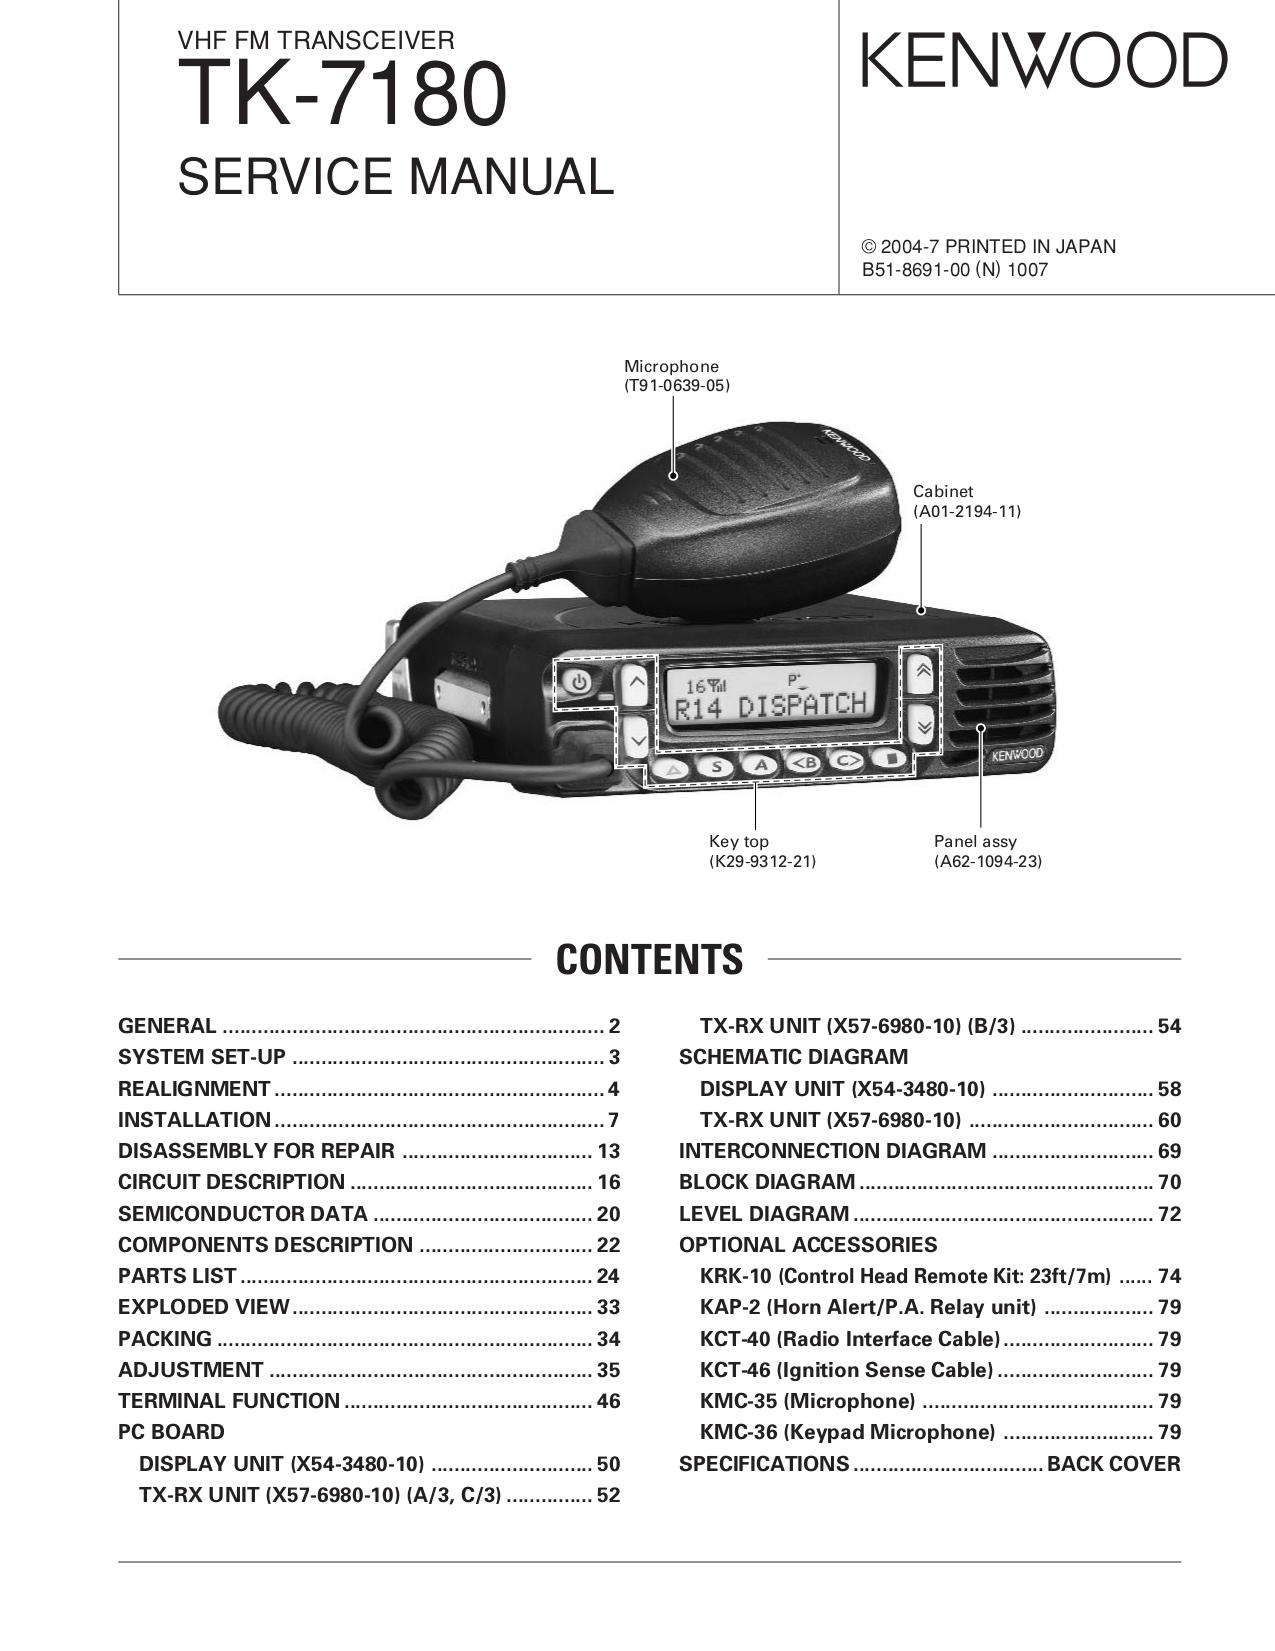 kenwood kt 593 radios owners manual